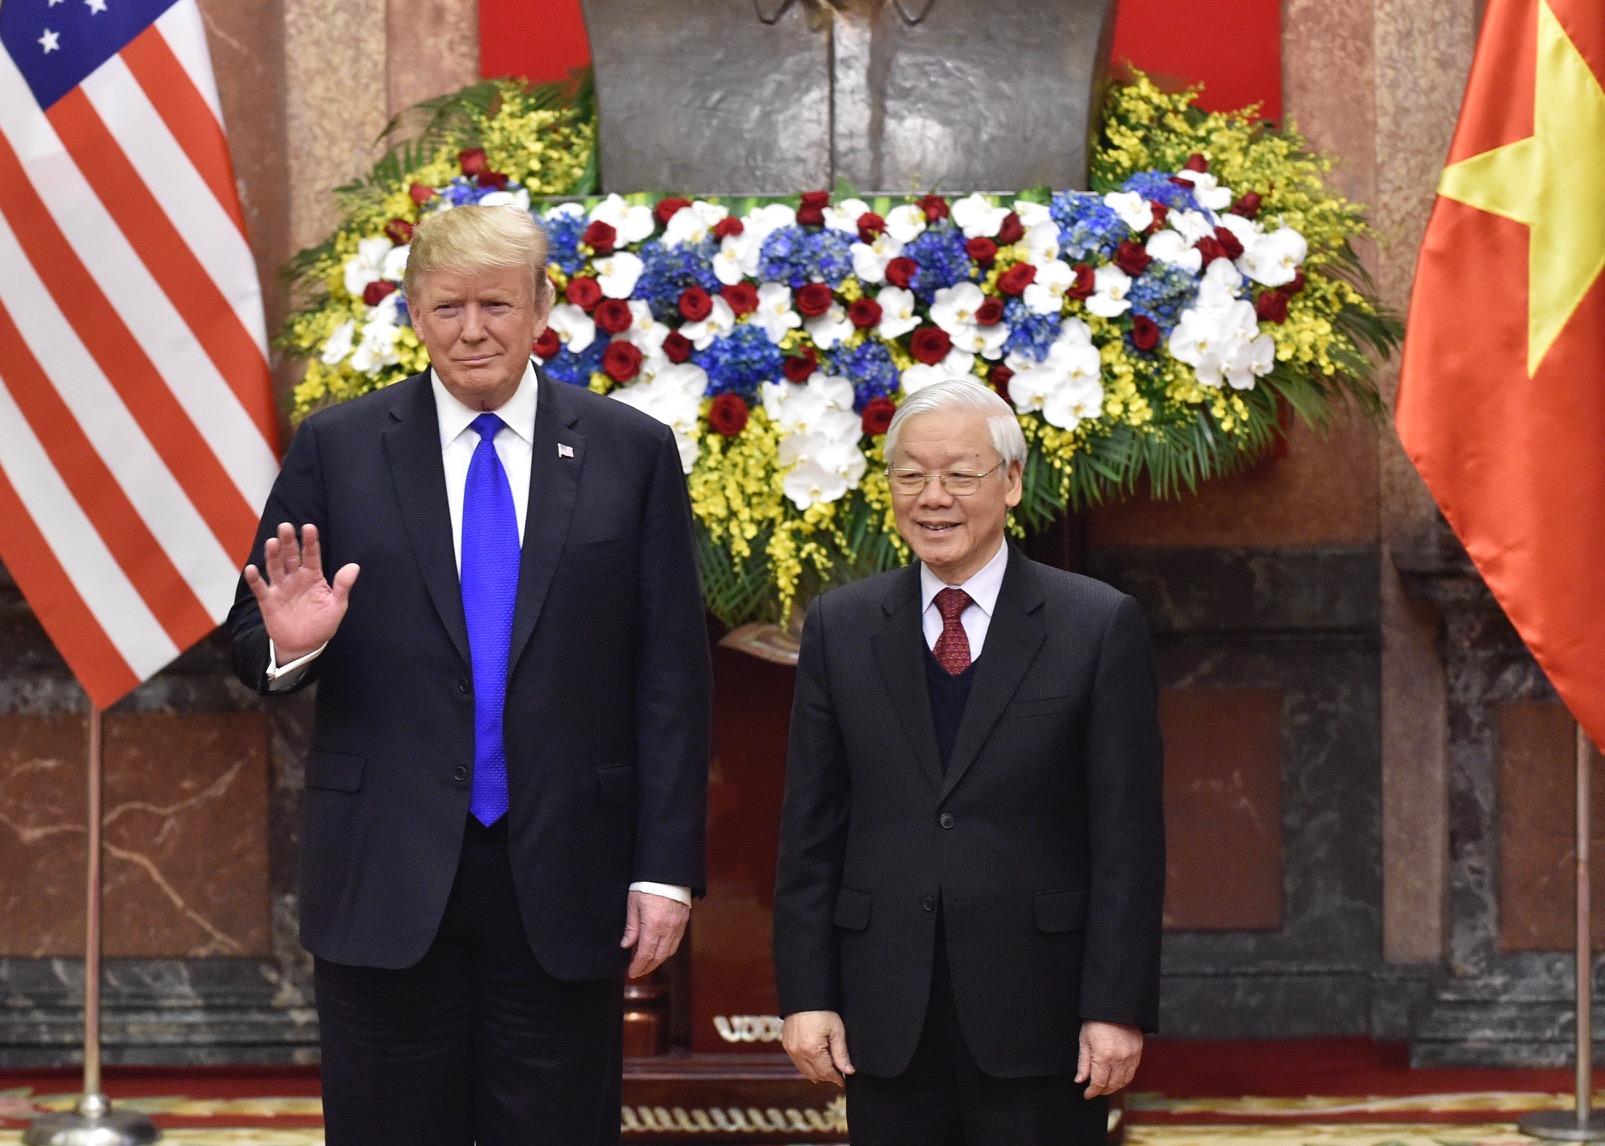 Chùm ảnh Tổng Bí thư, Chủ tịch nước Nguyễn Phú Trọng tiếp Tổng thống Donald Trump 2